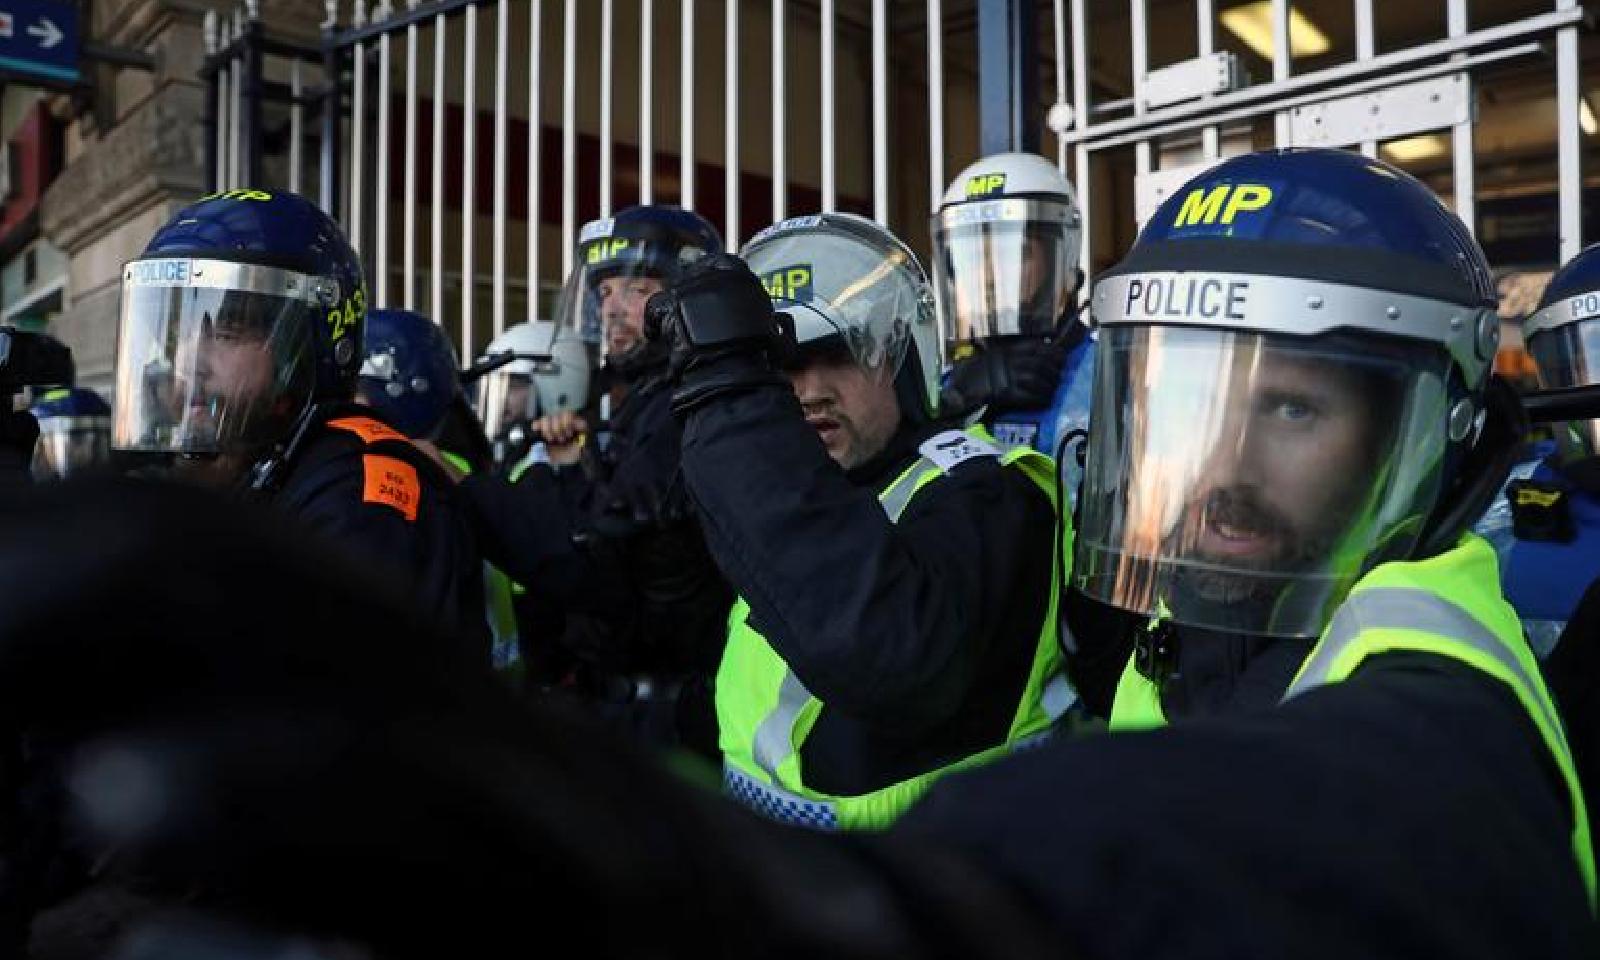 پولیس نے مظاہرین کو منتشر کردیا—فوٹو:رائٹرز